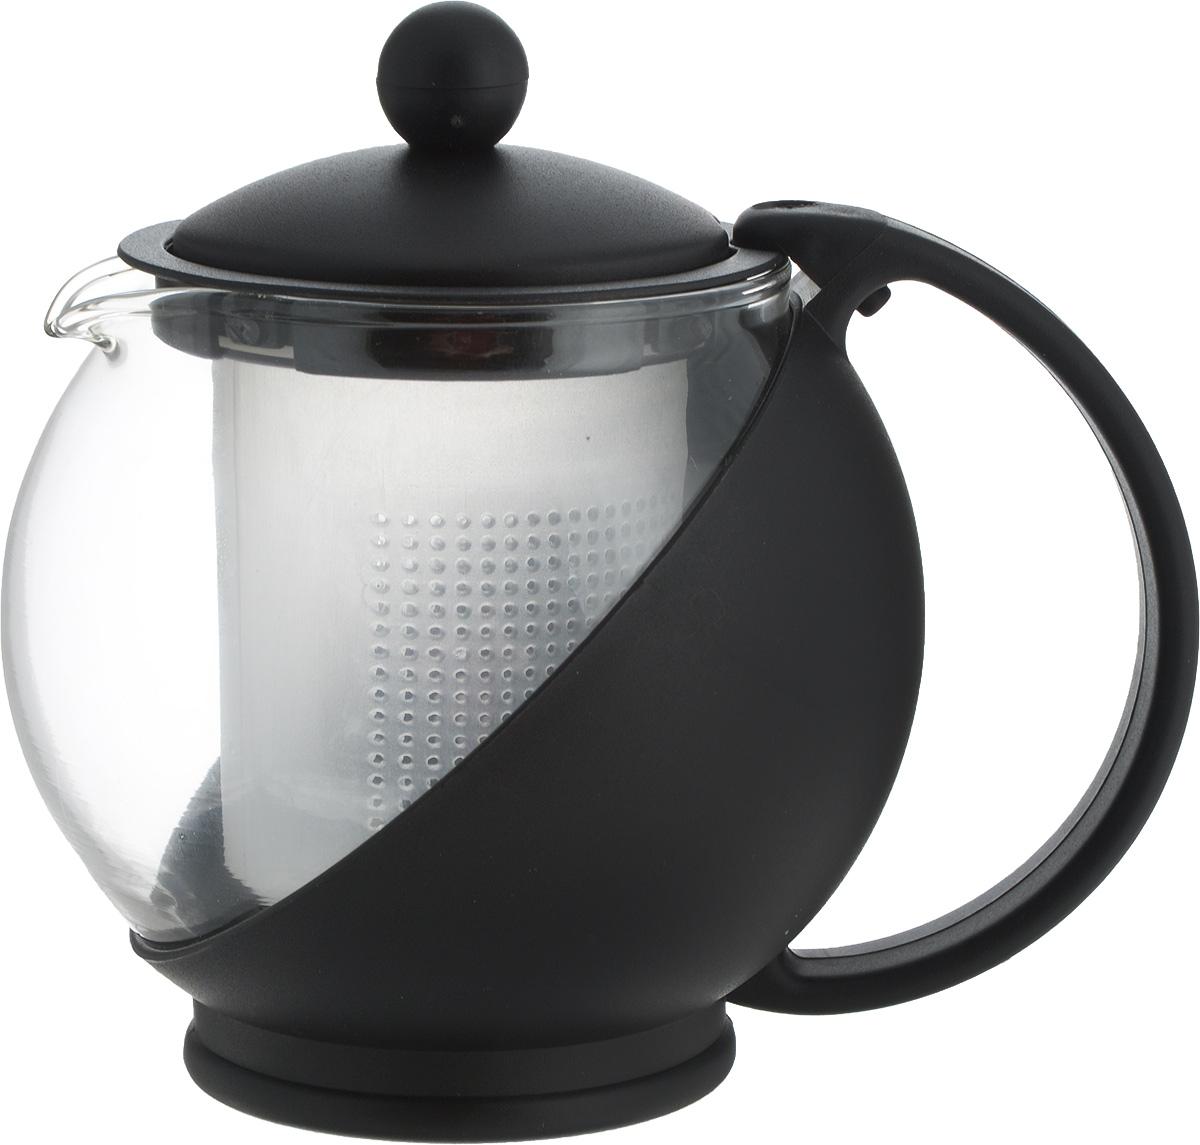 Чайник заварочный Miolla, с фильтром, цвет: черный, прозрачный, 500 мл. DHA020P/ADHA020P/A_черный, прозрачныйЗаварочный чайник Miolla изготовлен из жаропрочногостекла и термостойкого пластика. Чай в таком чайнике дольшеостается горячим, а полезные и ароматическиевещества полностью сохраняются в напитке. Чайник оснащенфильтром и крышкой.Простой и удобный чайник поможет вам приготовить крепкий,ароматный чай. Разборная конструкция обеспечивает легкий уход.Нельзя мыть в посудомоечной машине. Не использовать вмикроволновой печи.Диаметр чайника (по верхнему краю): 6,5 см. Высота чайника (без учета крышки): 9,5 см. Высота фильтра: 6,5 см.